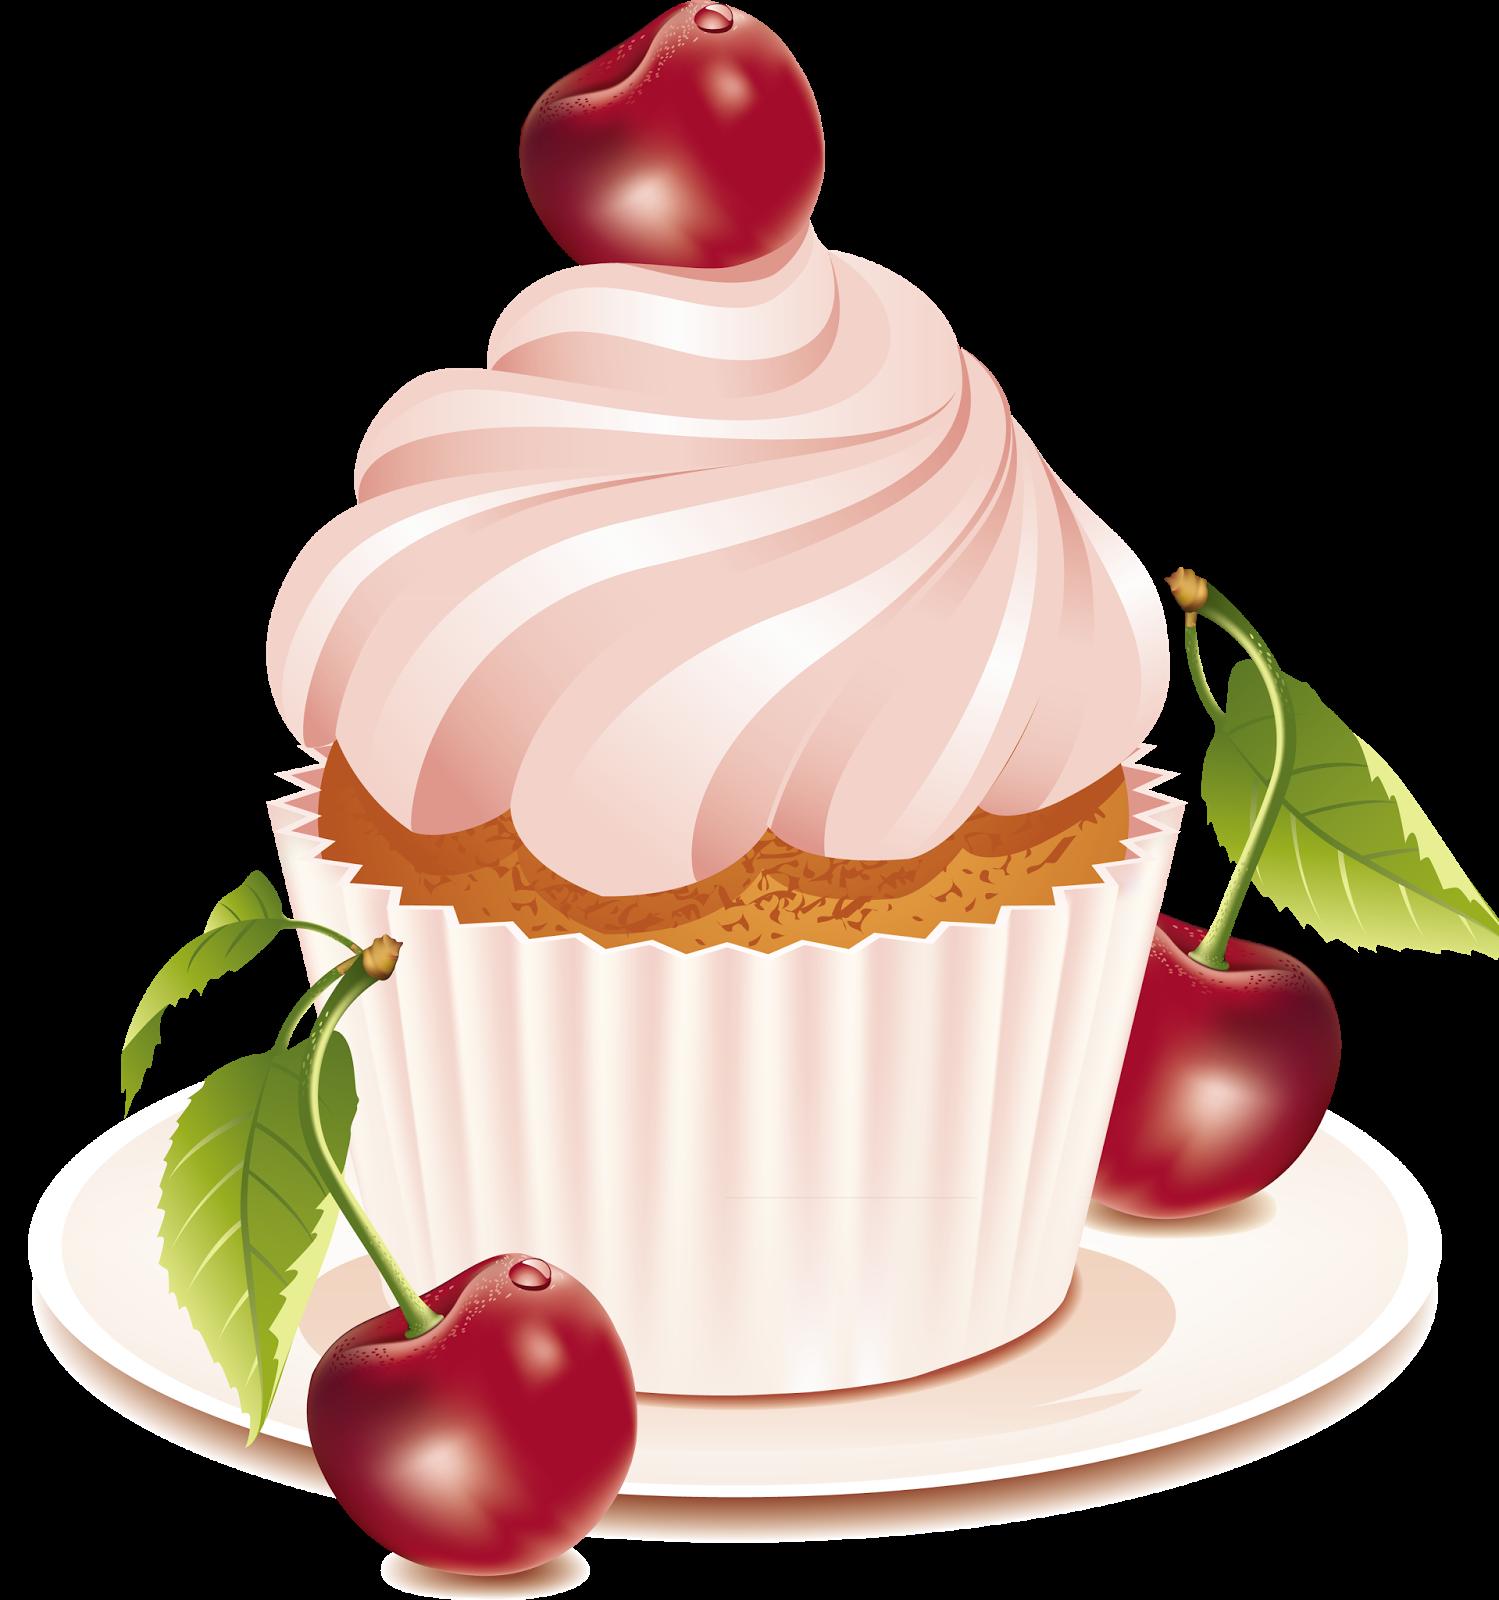 слух картинки выпечка кексы пнг менее, продаже есть